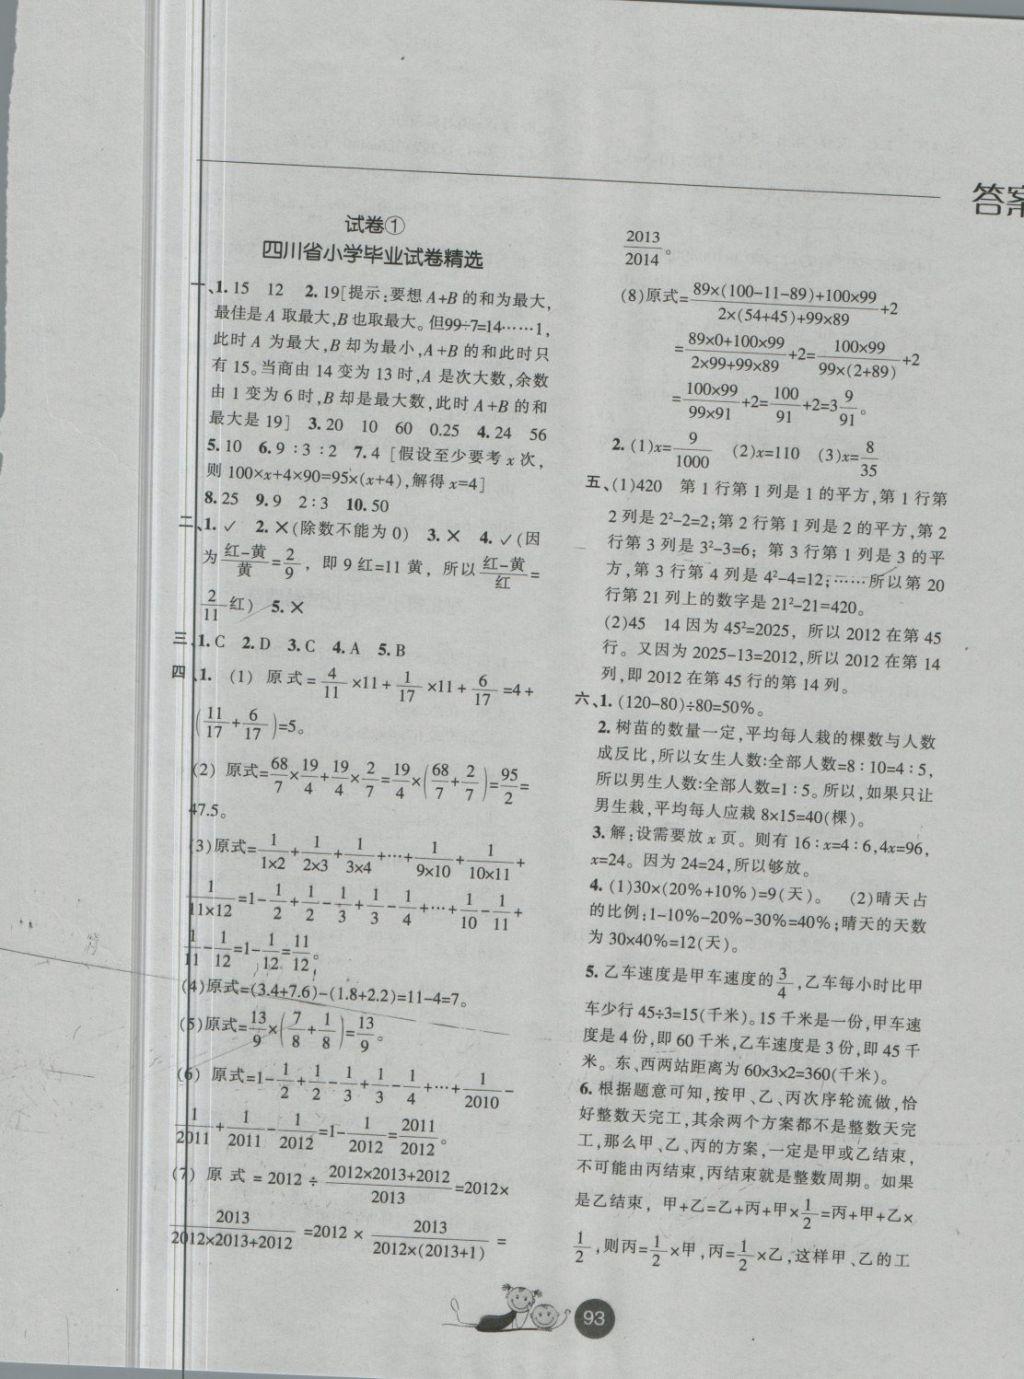 2018年初中必备升学毕业教材试卷招生考试v初中初中小学第1页数学版本重点许昌河南图片